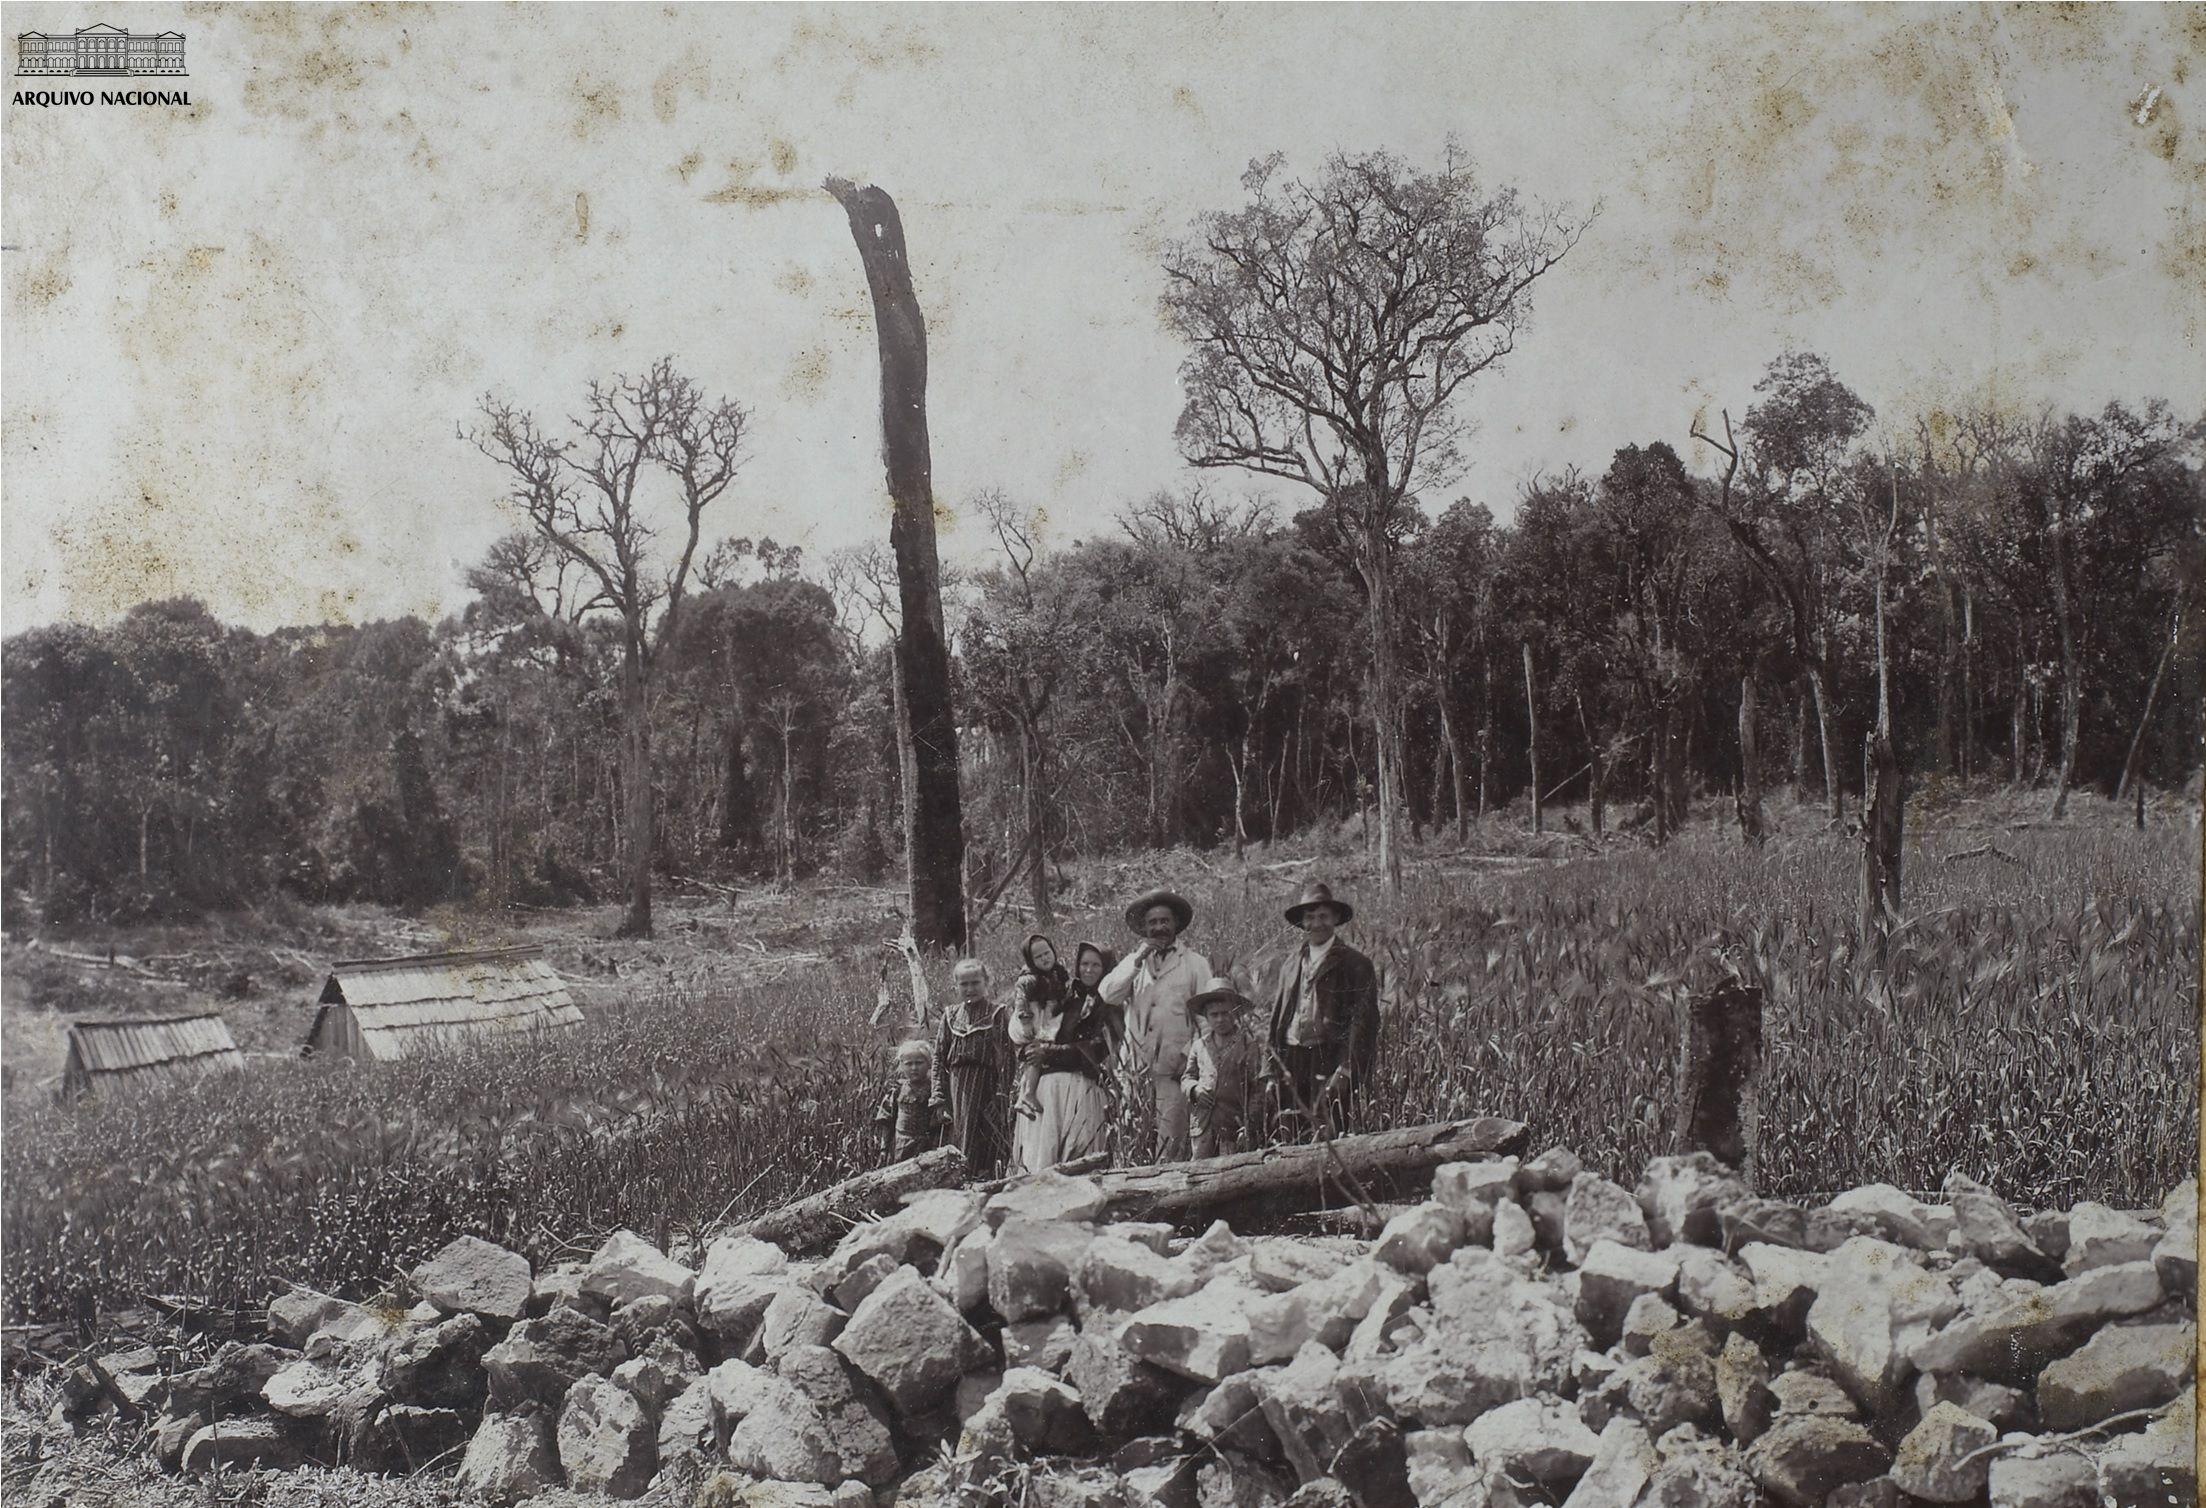 Plantação de cevada na colônia Vera Guarani, estado do Paraná, 1910.  Arquivo Nacional. Fundo Fotografias Avulsas. BR_RJANRIO_O2_0_FOT_00183_001